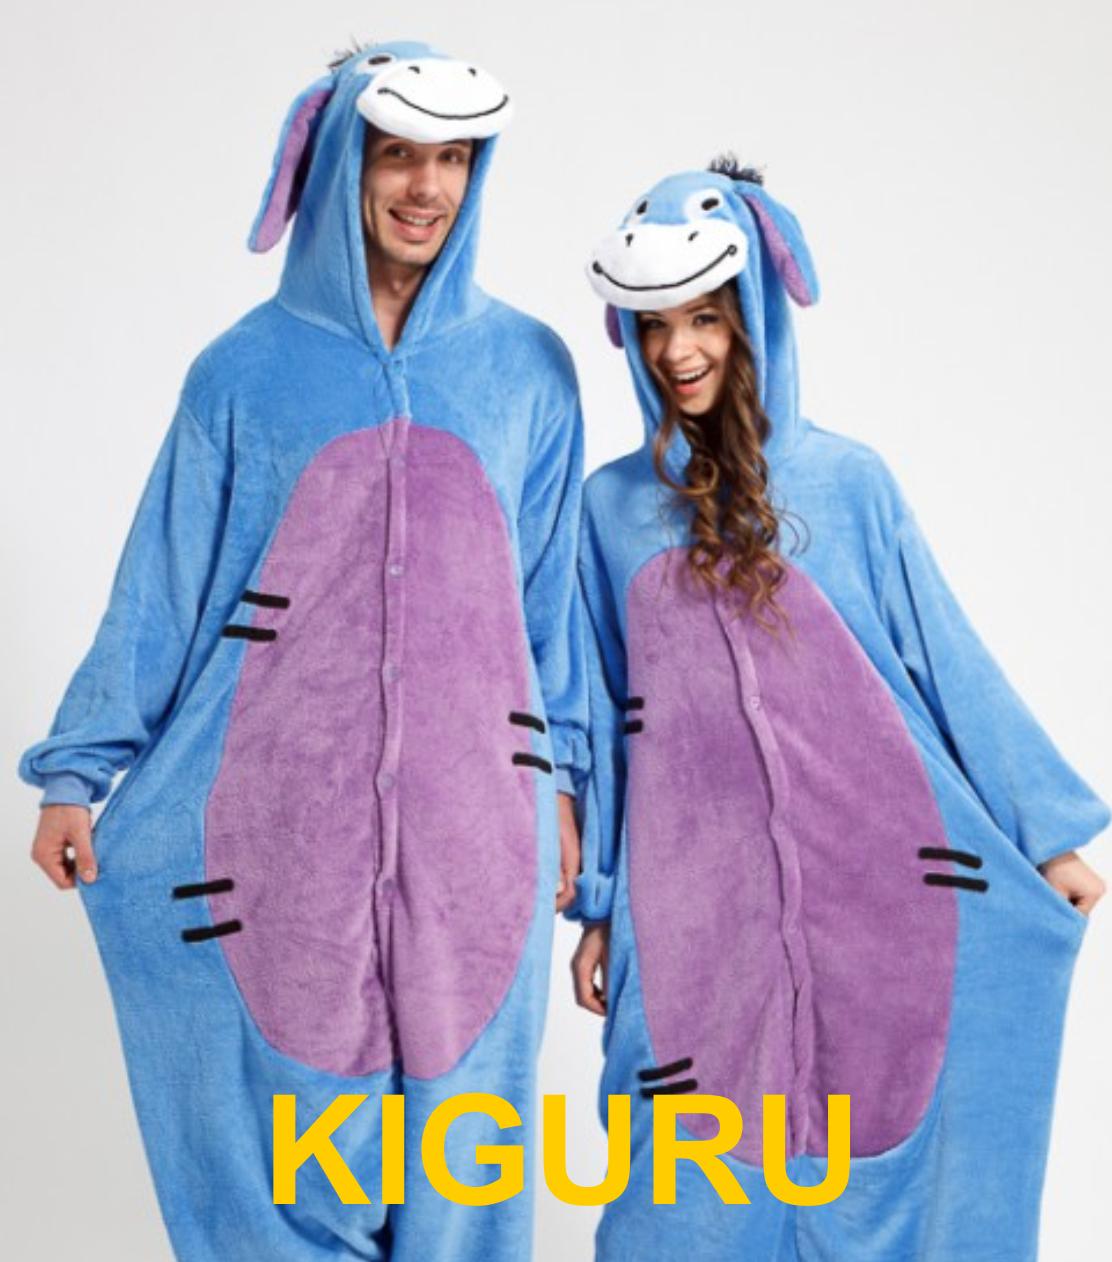 Кигуруми пижама ослик Иа - KIGURU в Киеве 5583eb3f0e74a